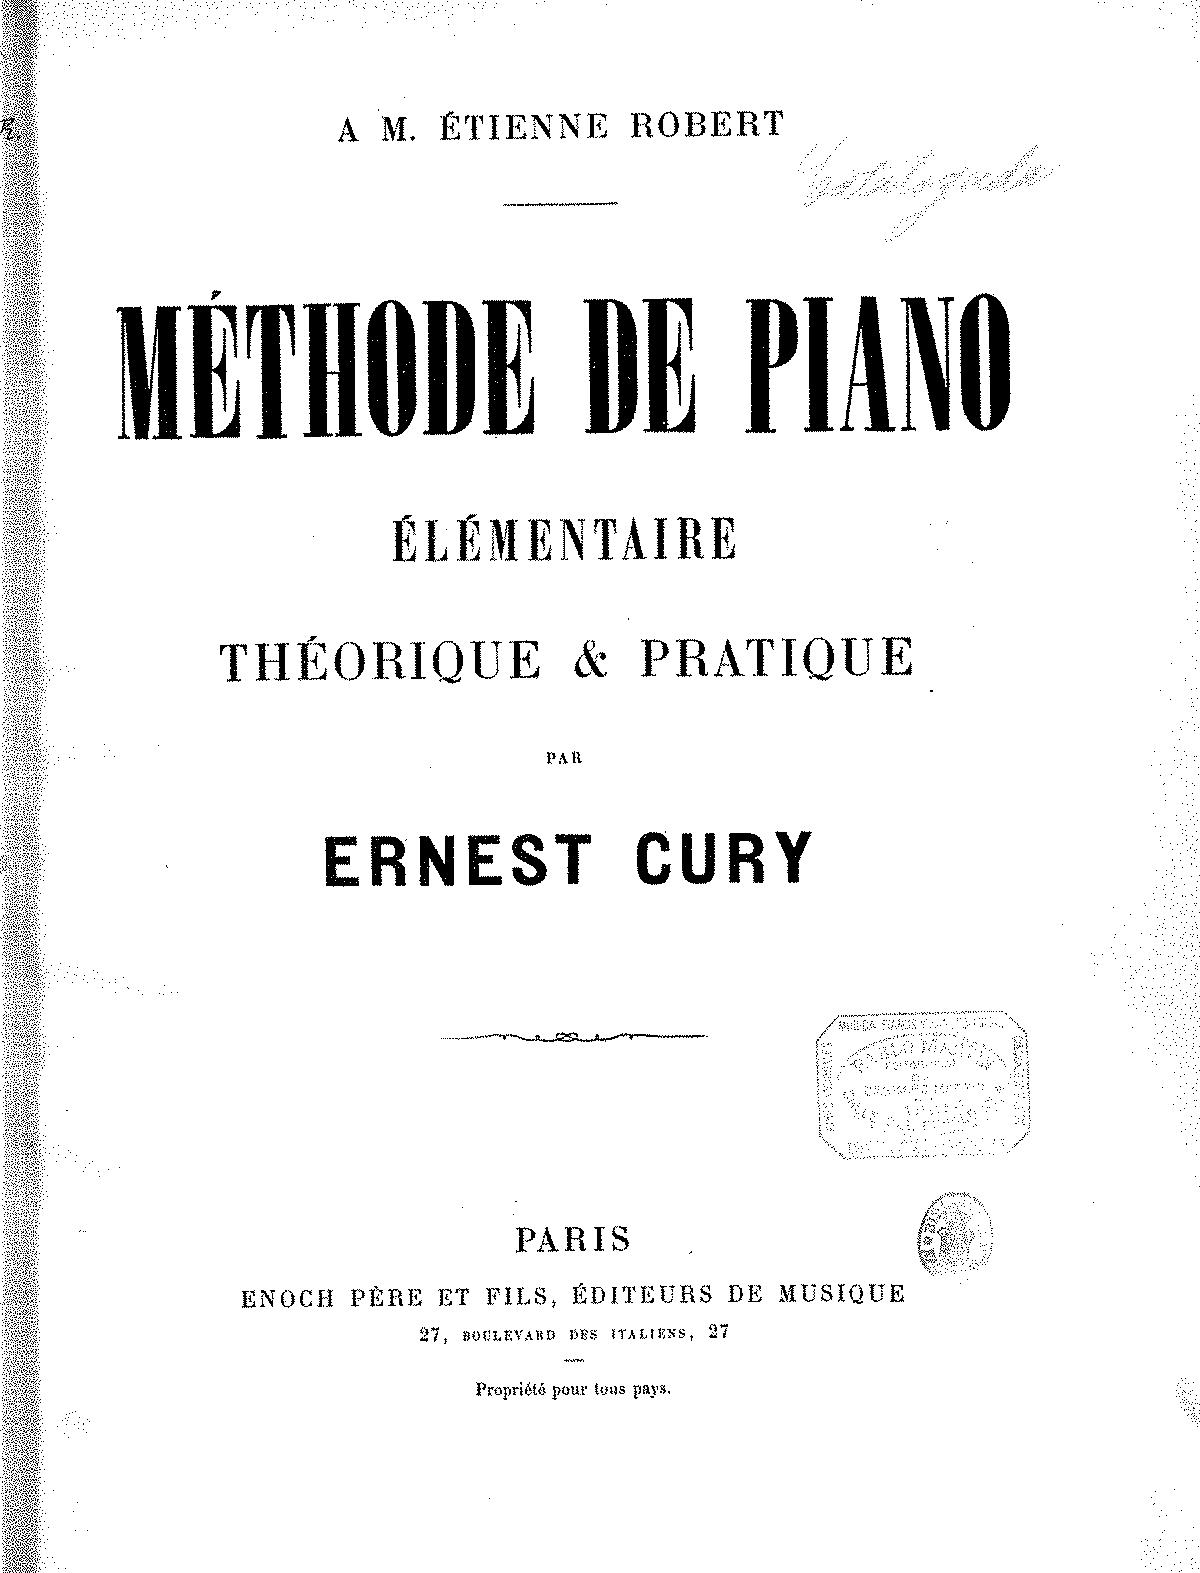 Méthode de piano (Cury, Ernest) - IMSLP/Petrucci Music Library: Free